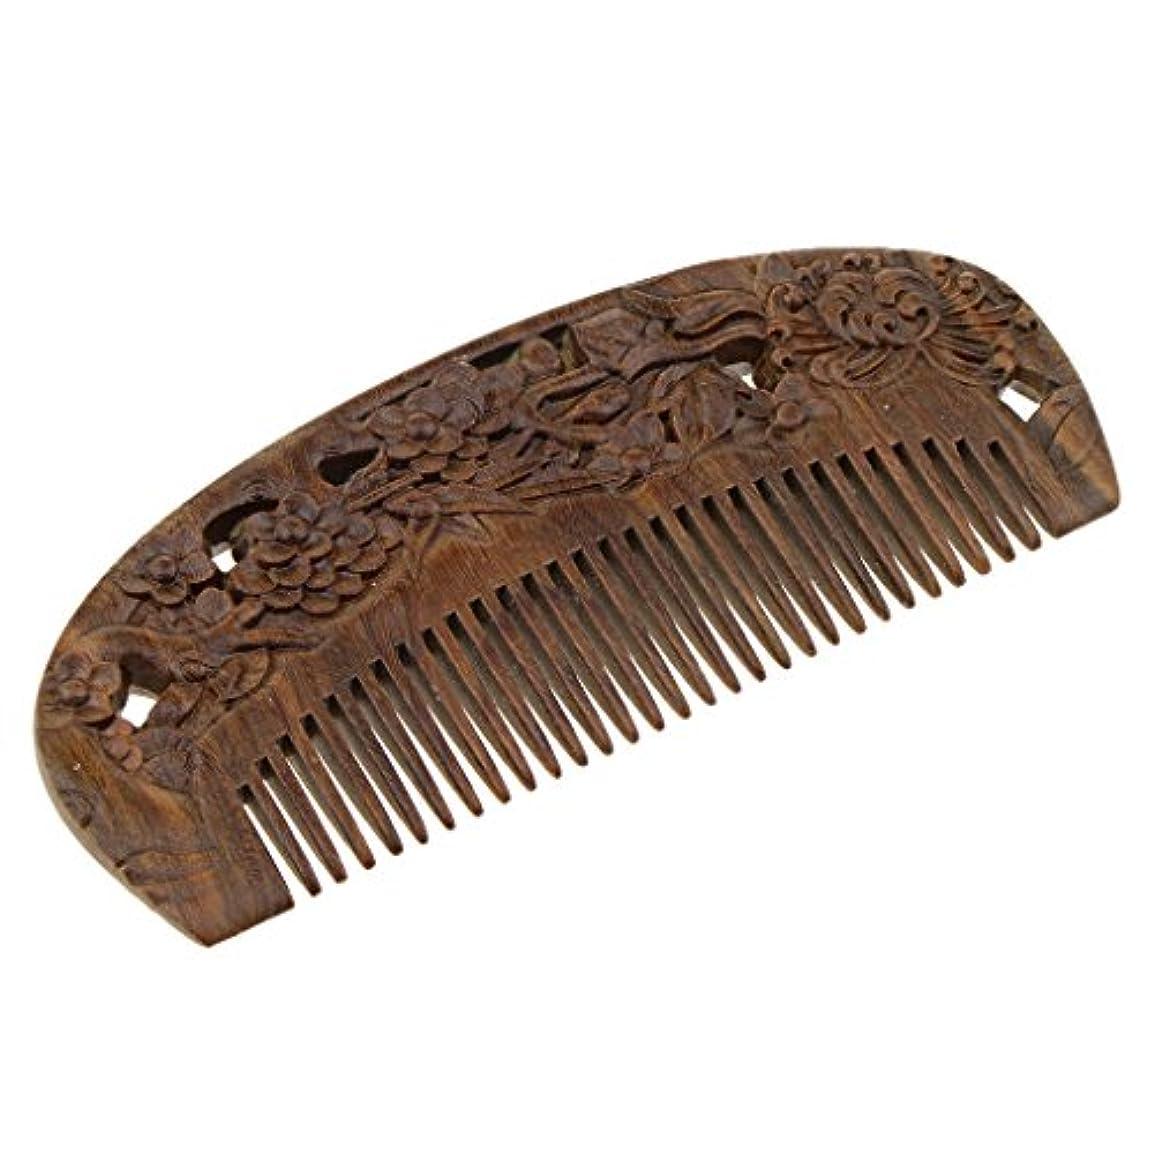 宿命反対したカバレッジヘアコーム 木製櫛 頭皮マッサージ 櫛 ヘアスタイリング 高品質 2タイプ選べる - #2